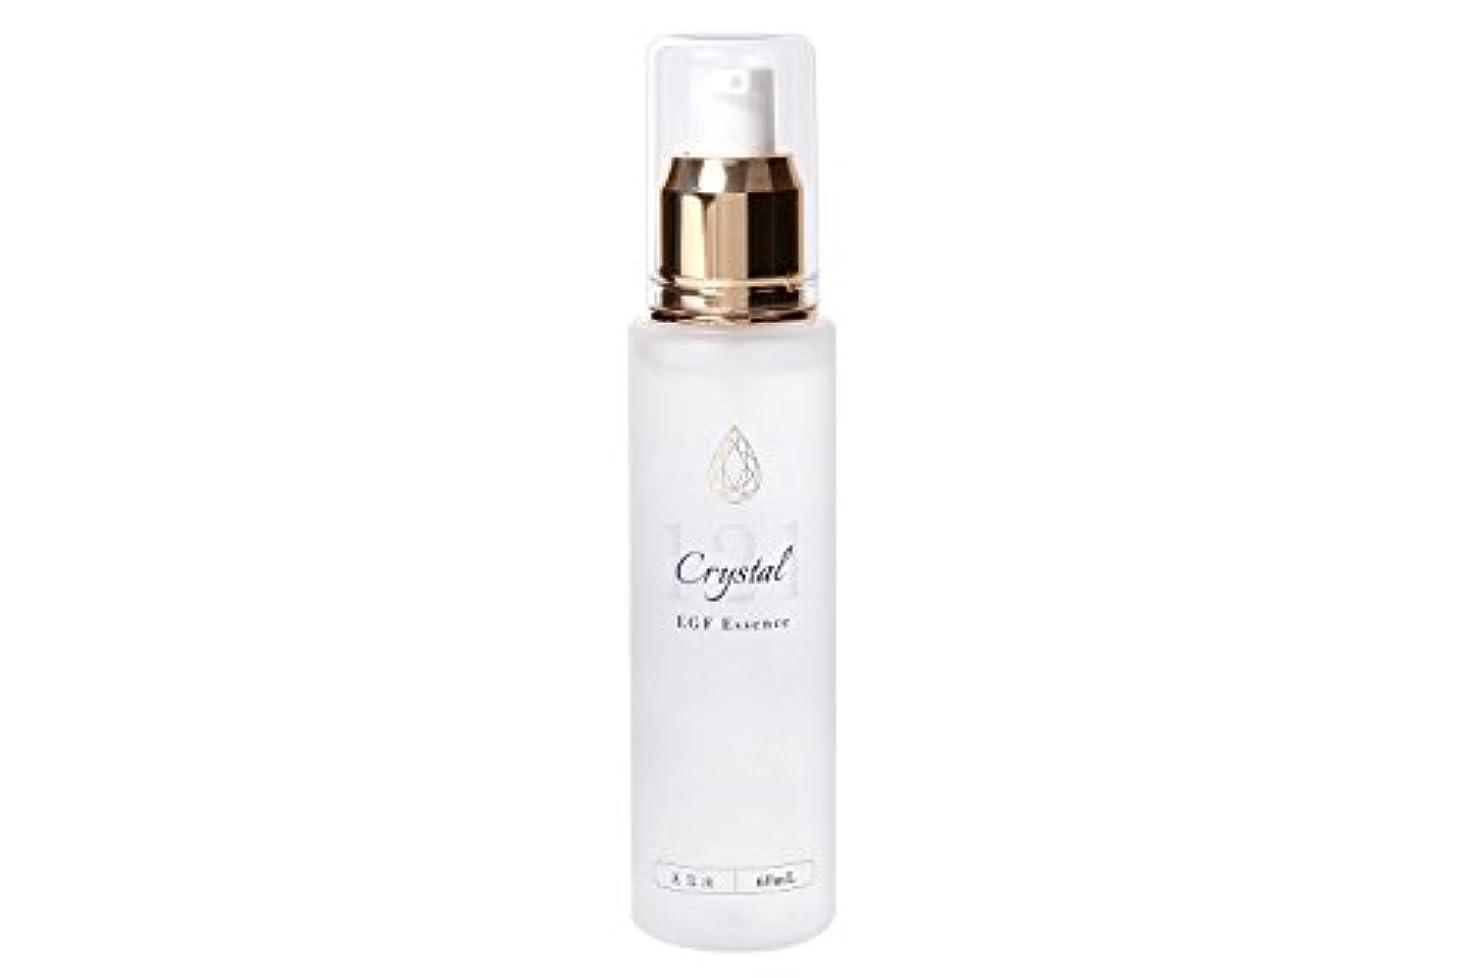 やがてラフ睡眠ヒップEGF 美容液 エッセンス 60ml クリスタル121美容液 レディース メンズ 無香料